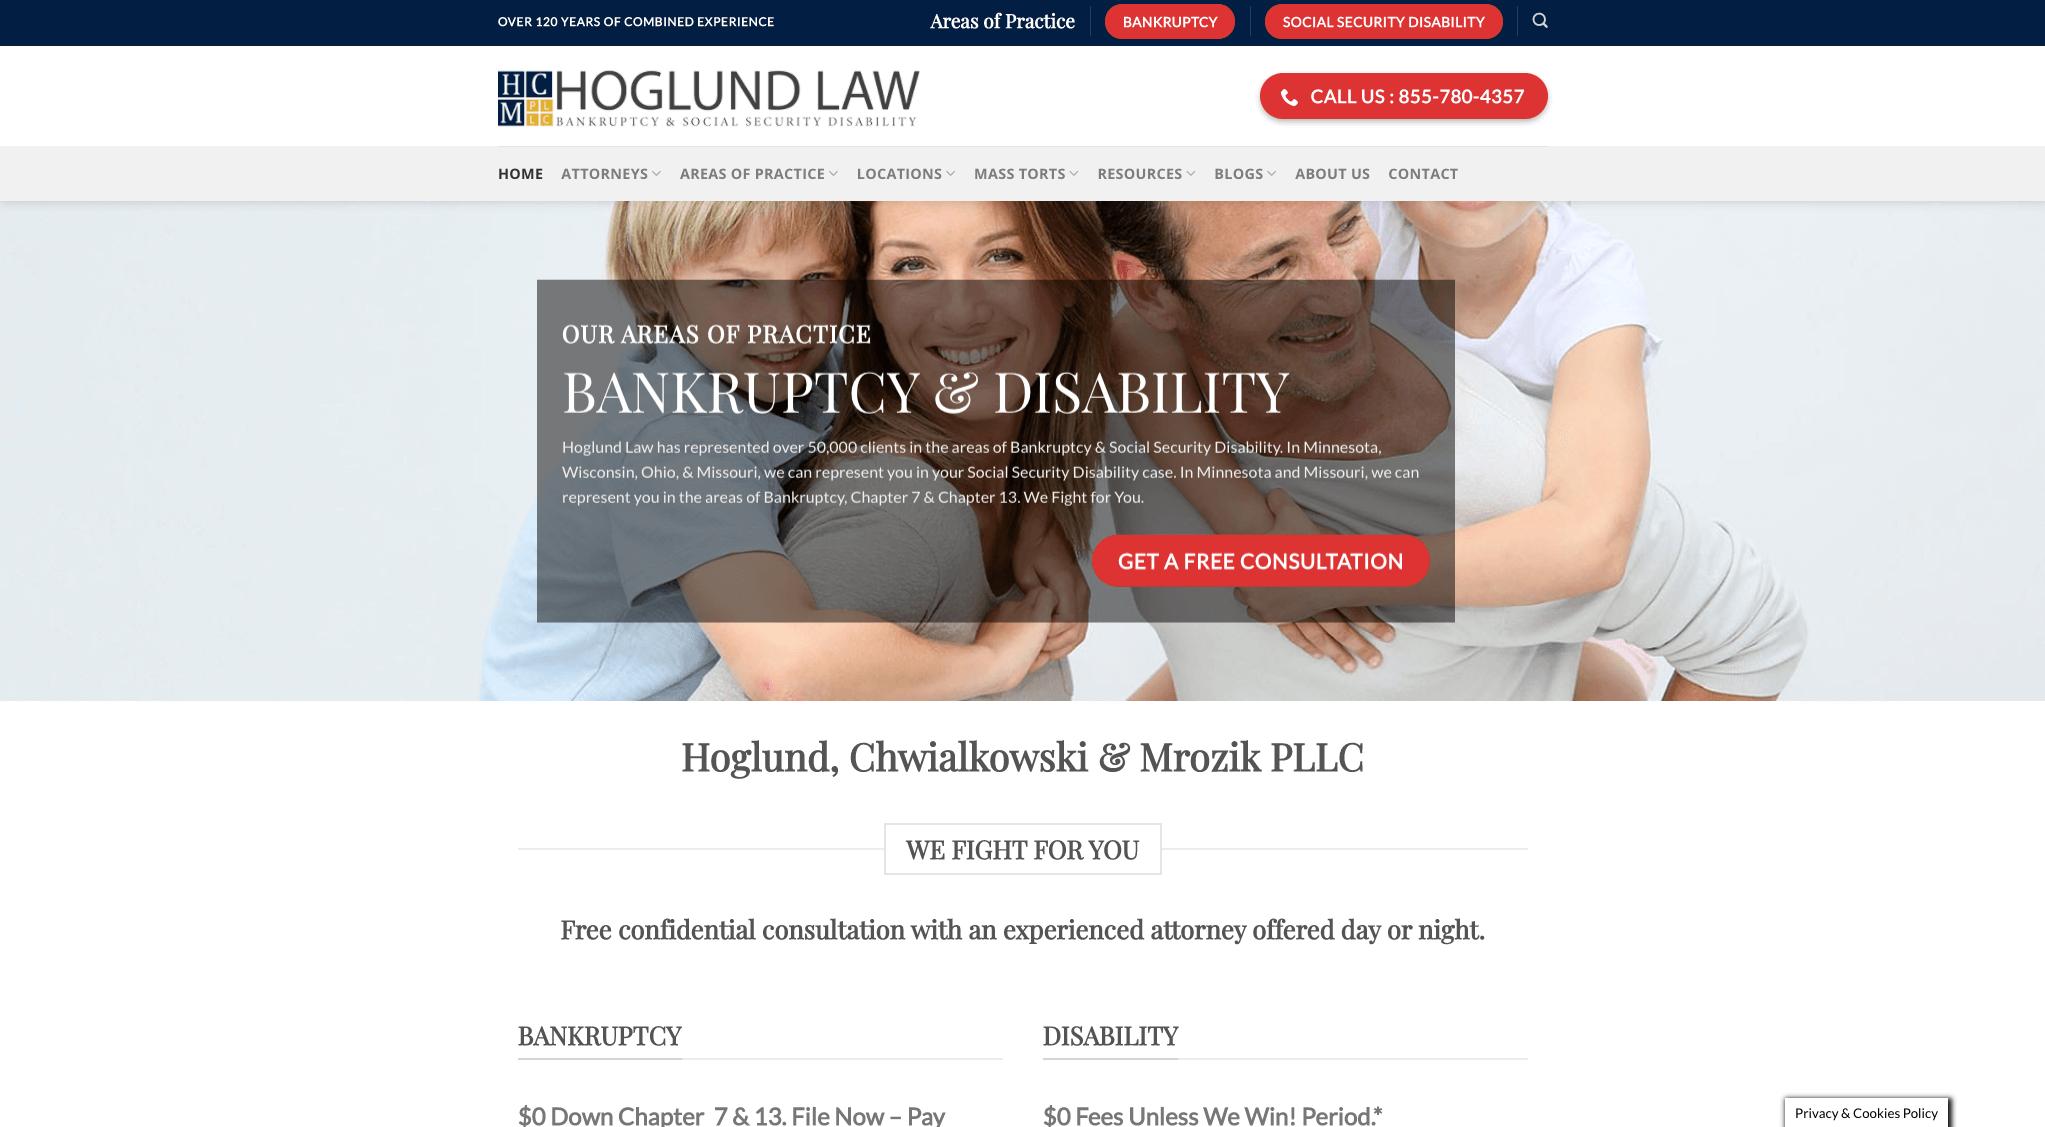 Hoglund website